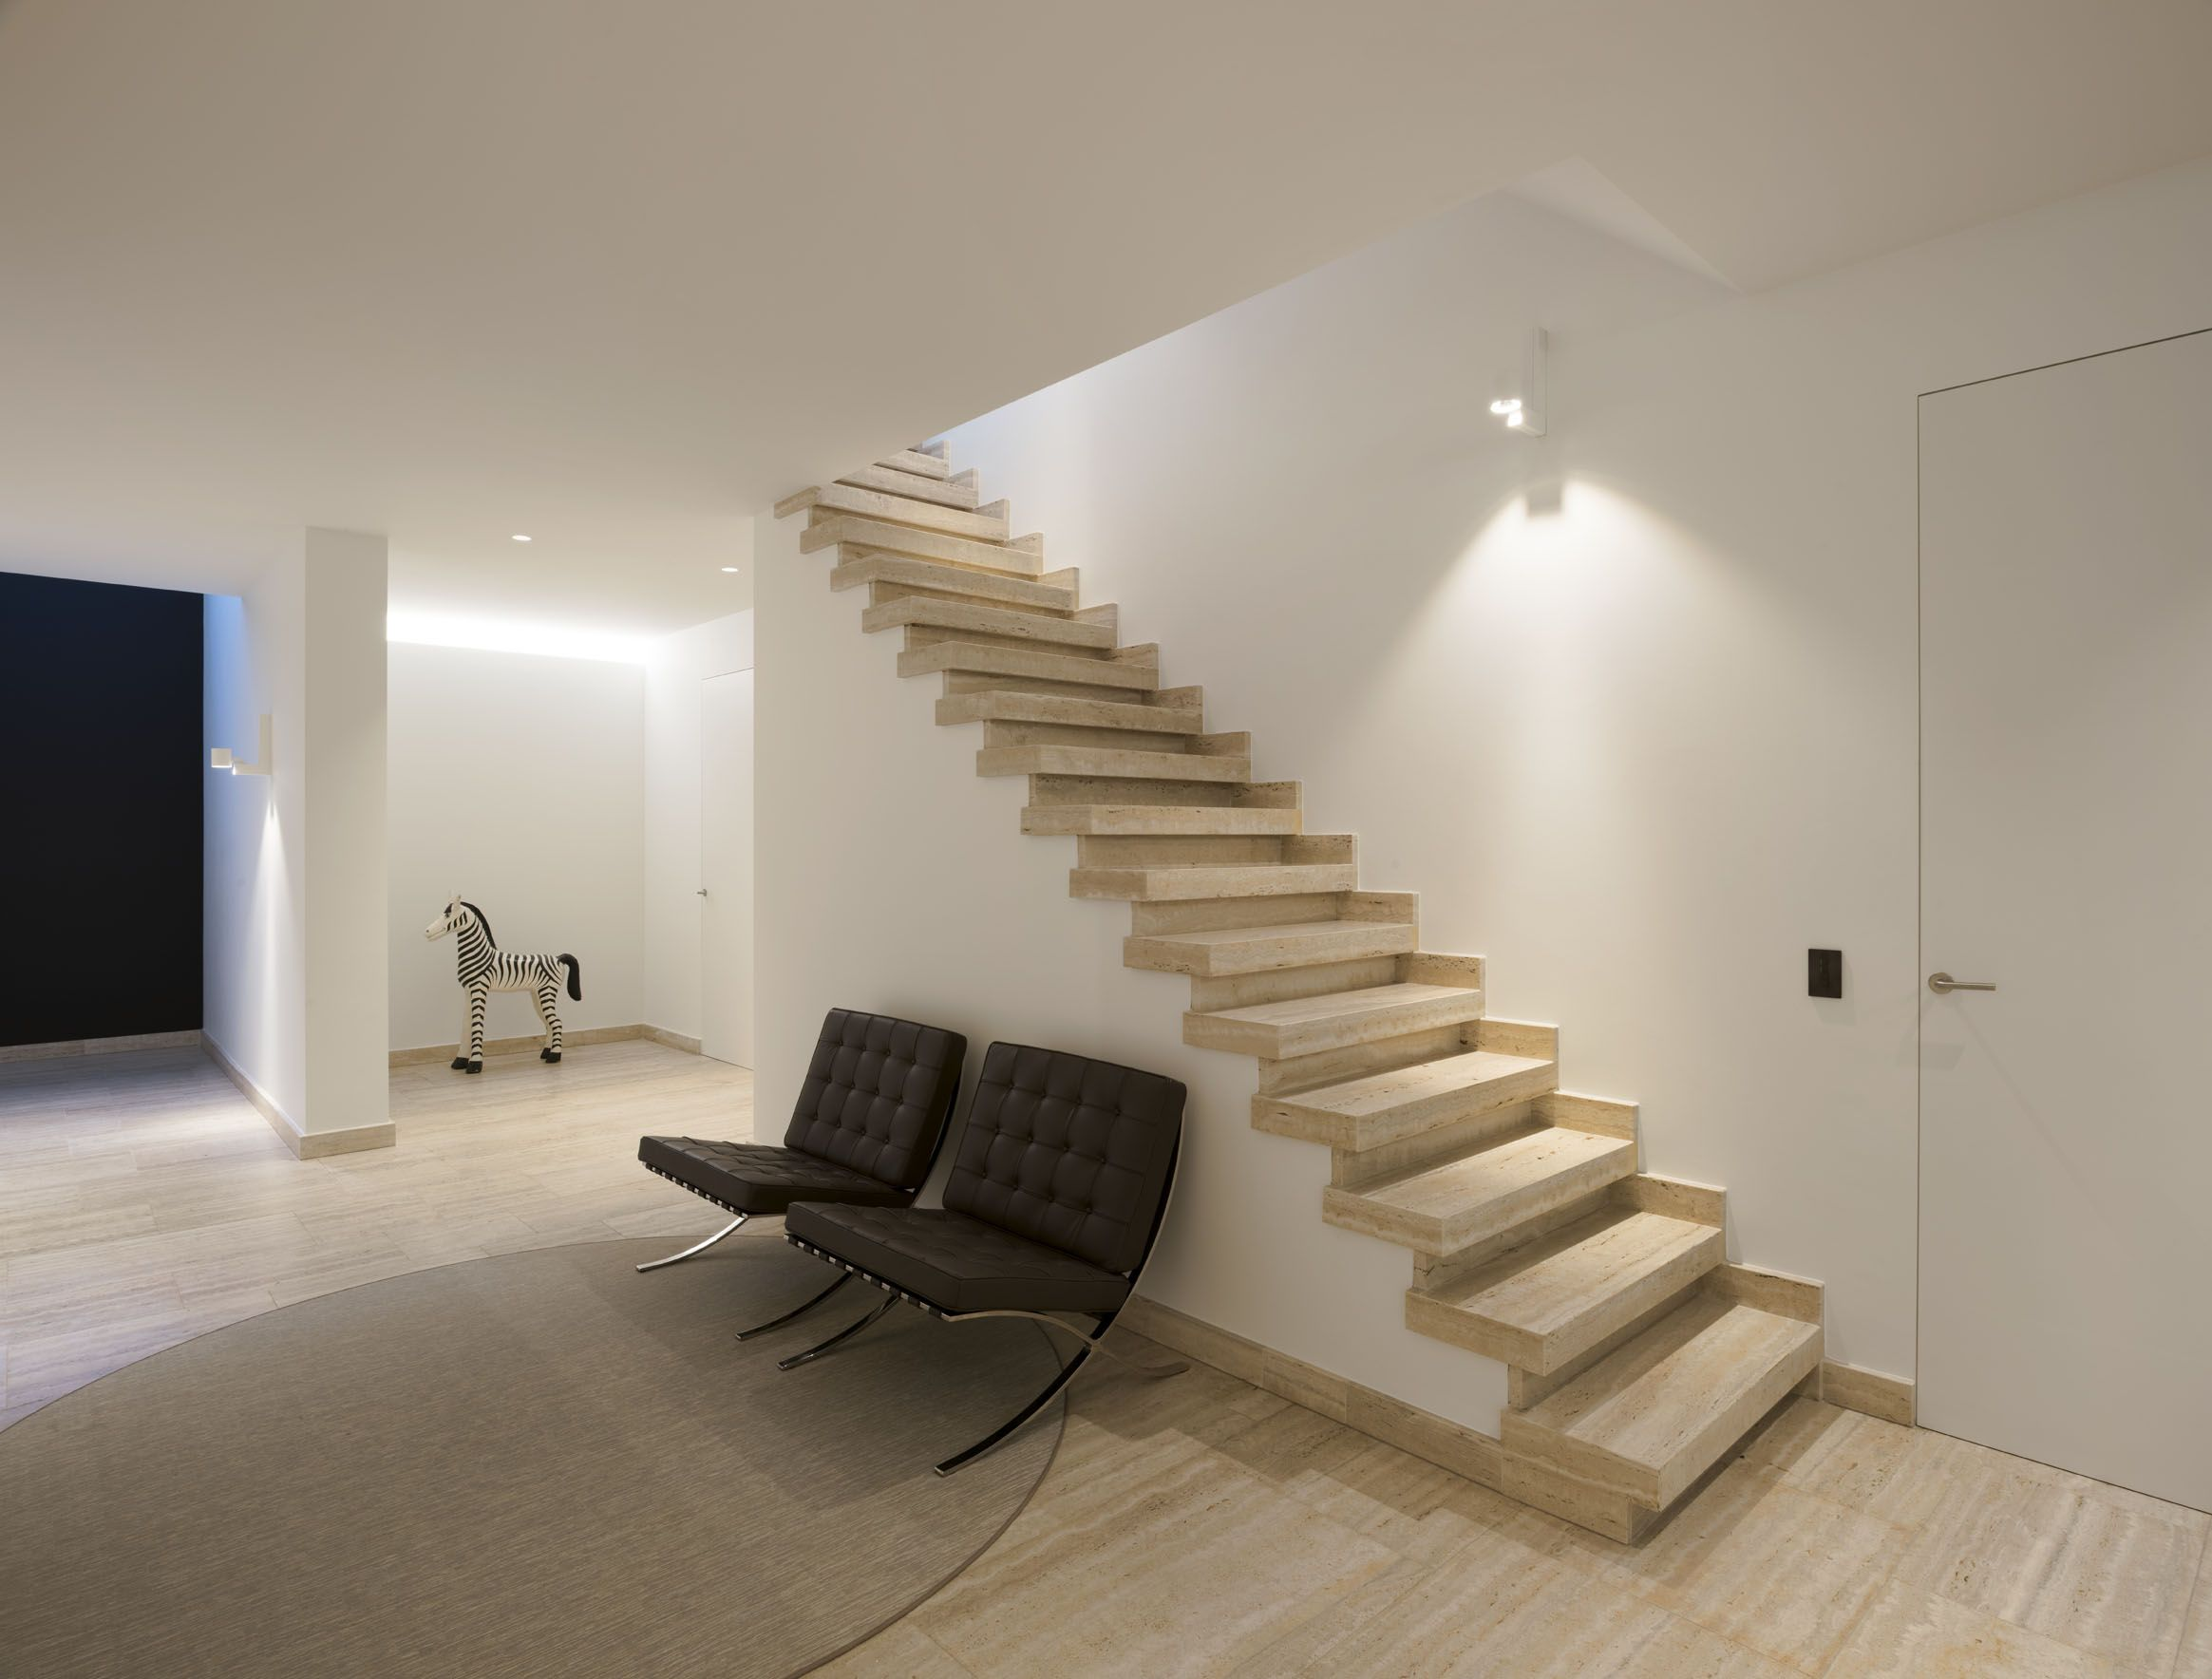 Kreon led light hallway ideas stairs erubo wall lights wood kreon